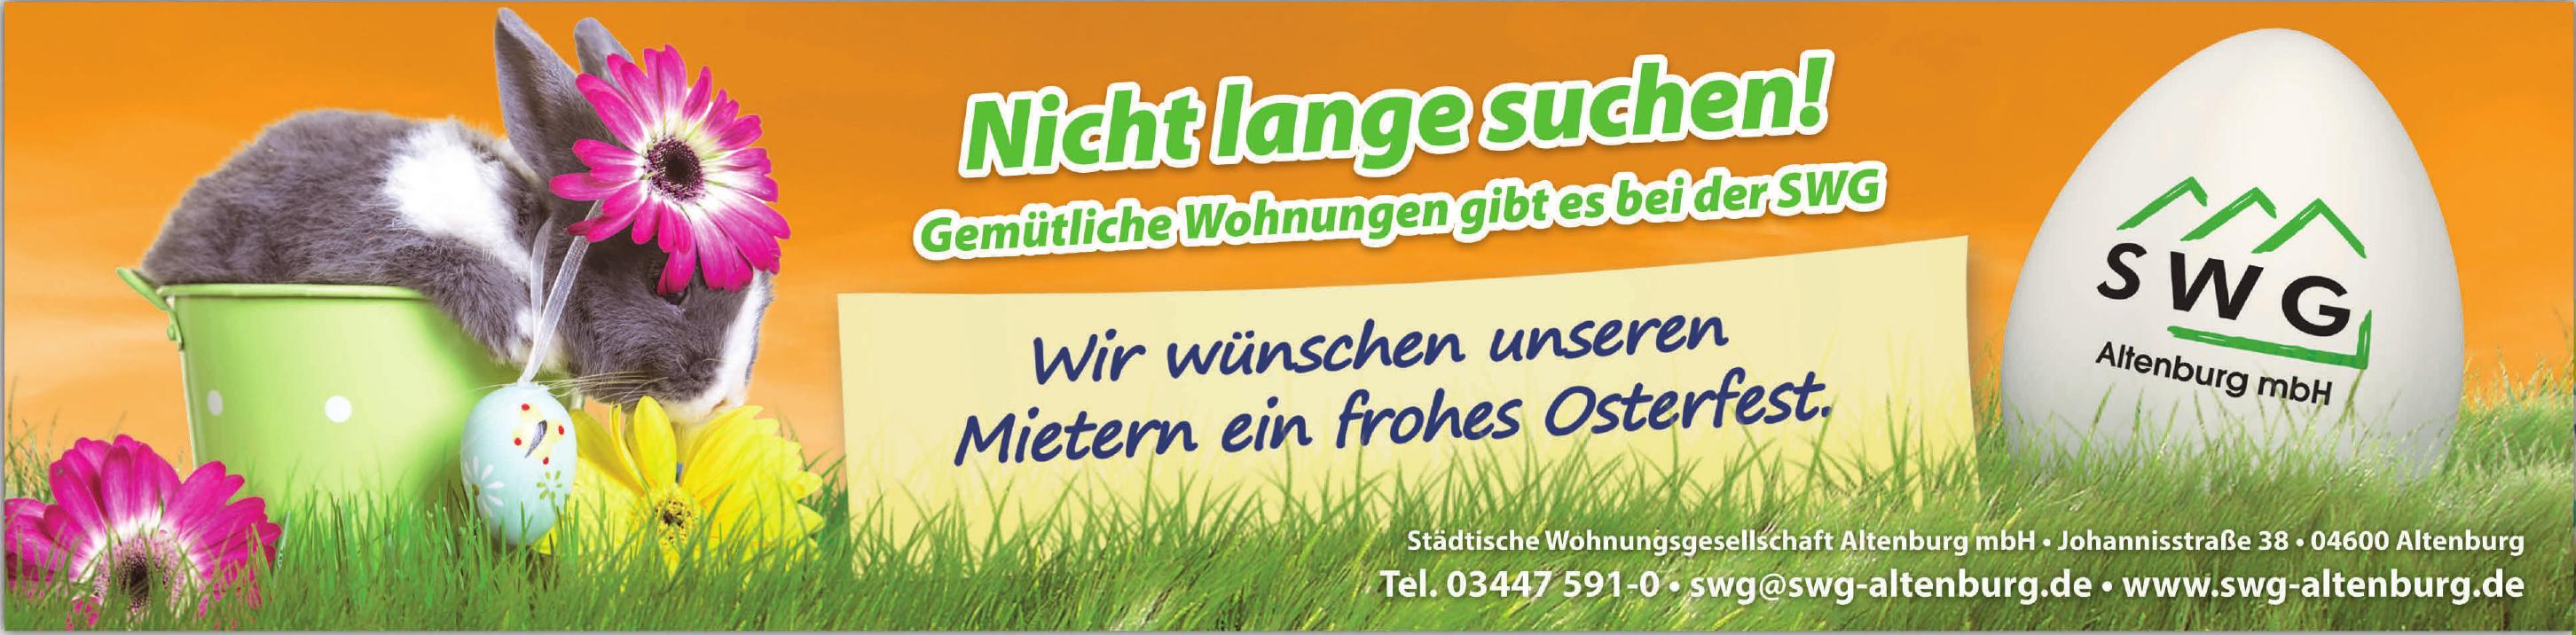 Städtische Wohnungsgesellschaft Altenburg mbH